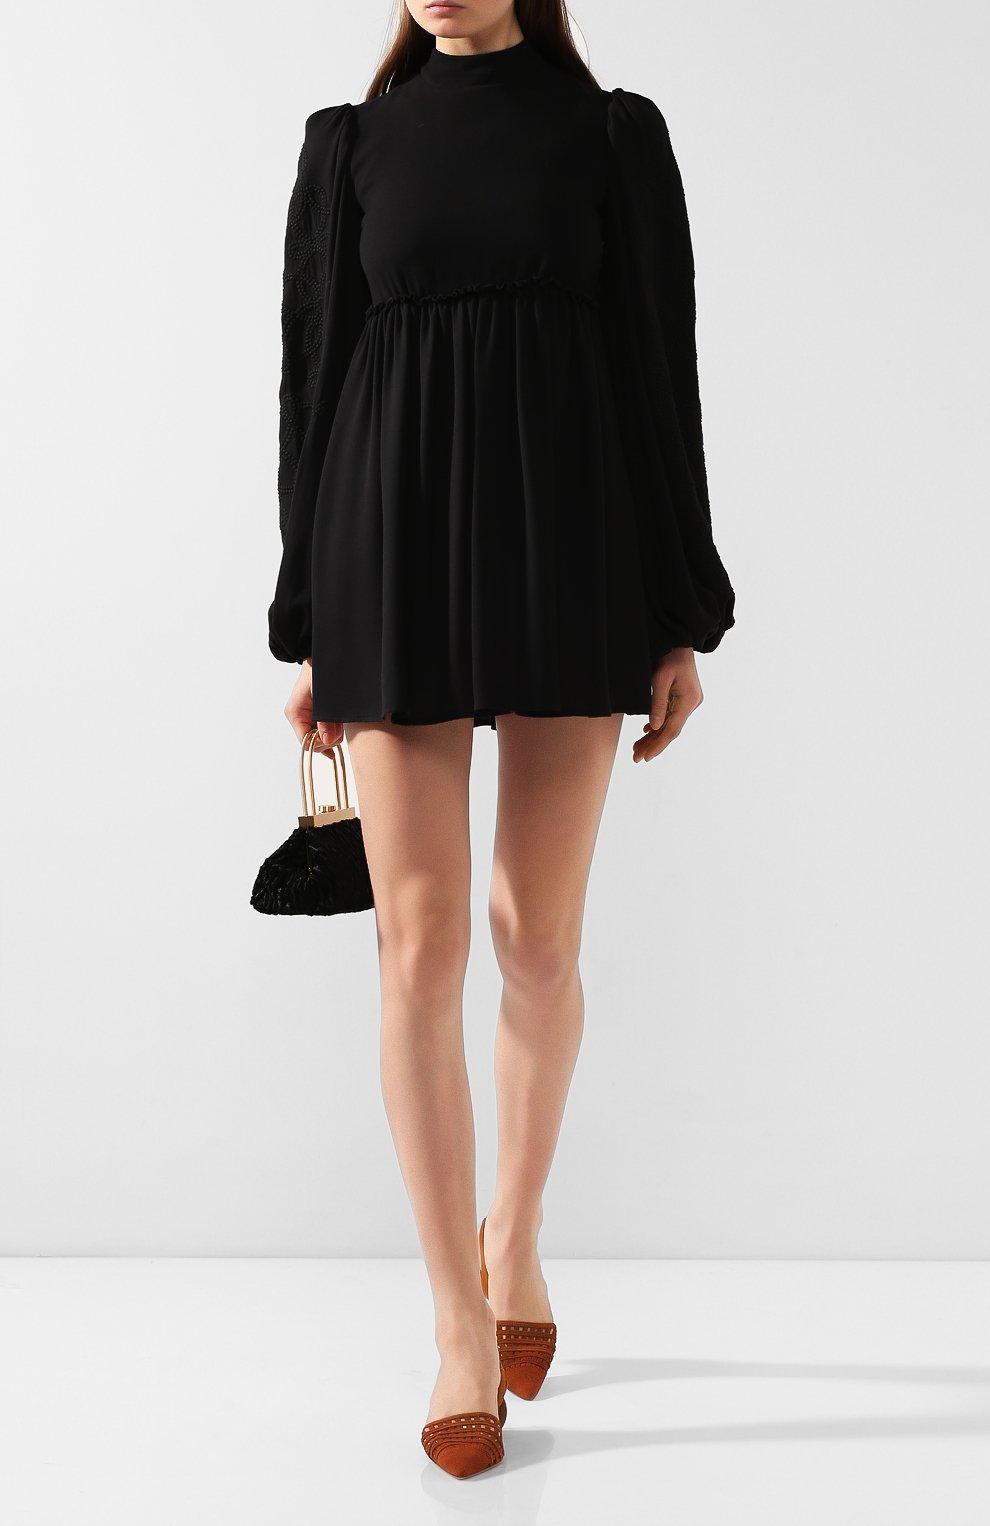 Женское платье из смеси вискозы и шерсти WANDERING черного цвета, арт. WGW19411 | Фото 2